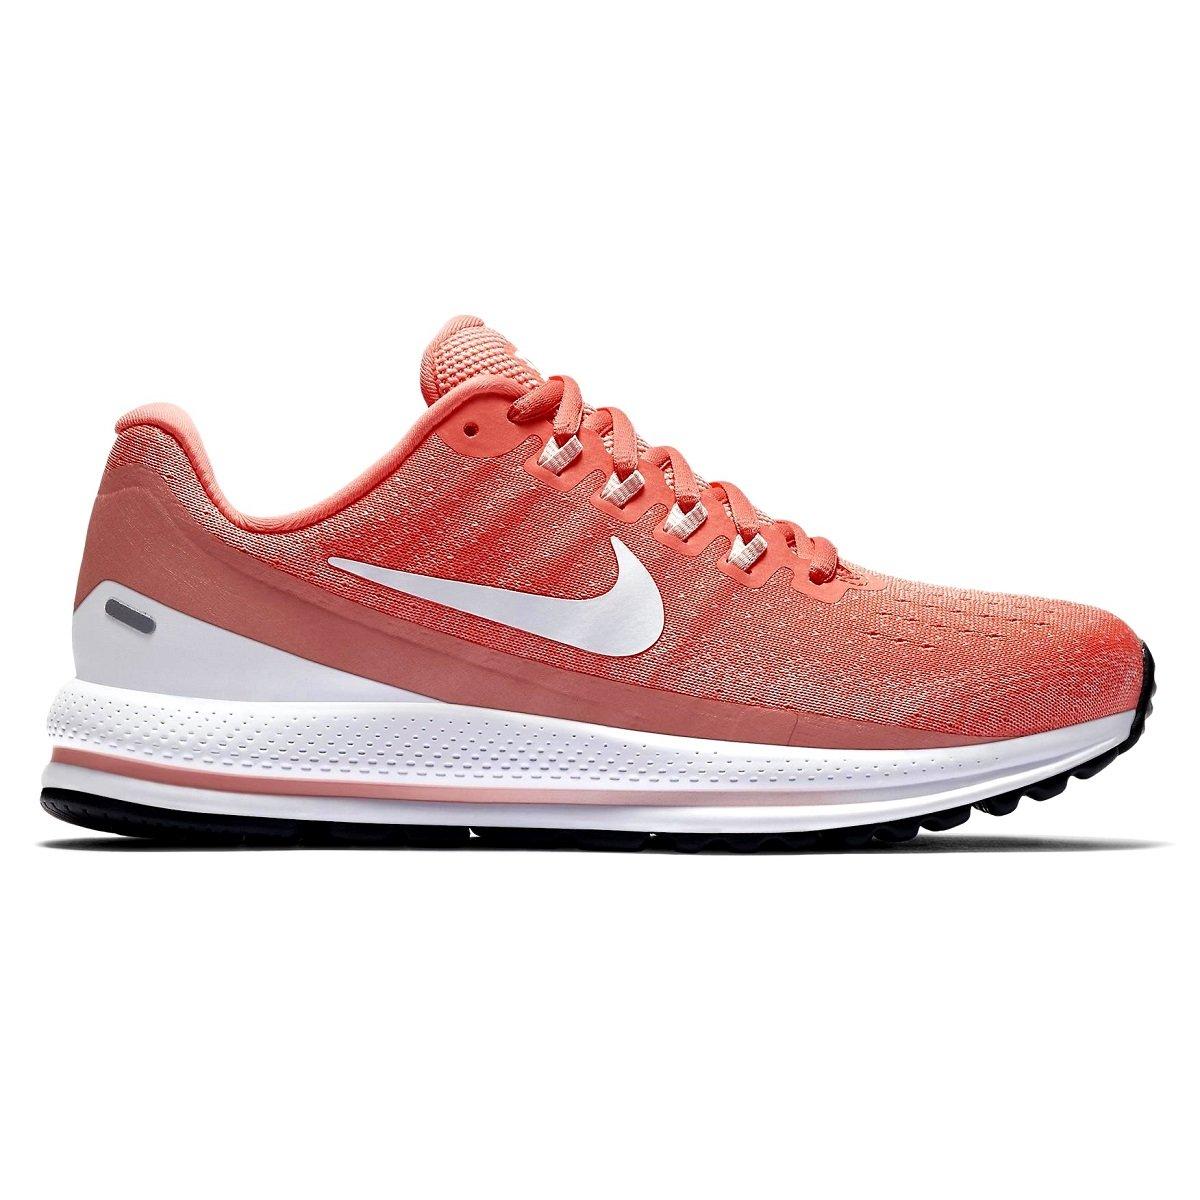 ed4a3f1f6 Tênis Feminino Nike Air Zoom Vomero 13 922909-600 - Rosa - Calçados ...